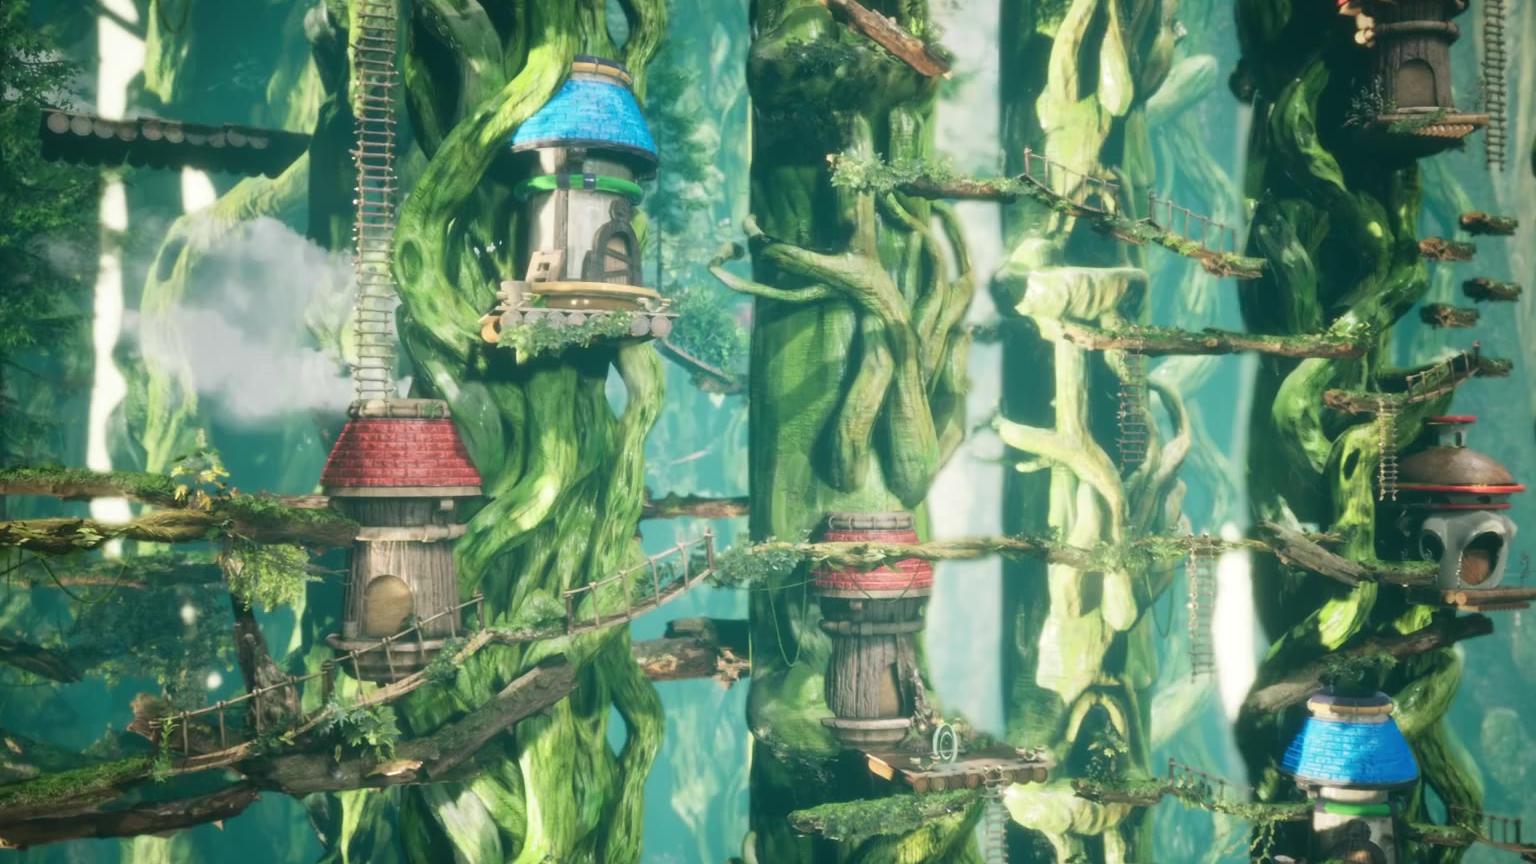 【冒险岛】3d魔法密林 (4k)